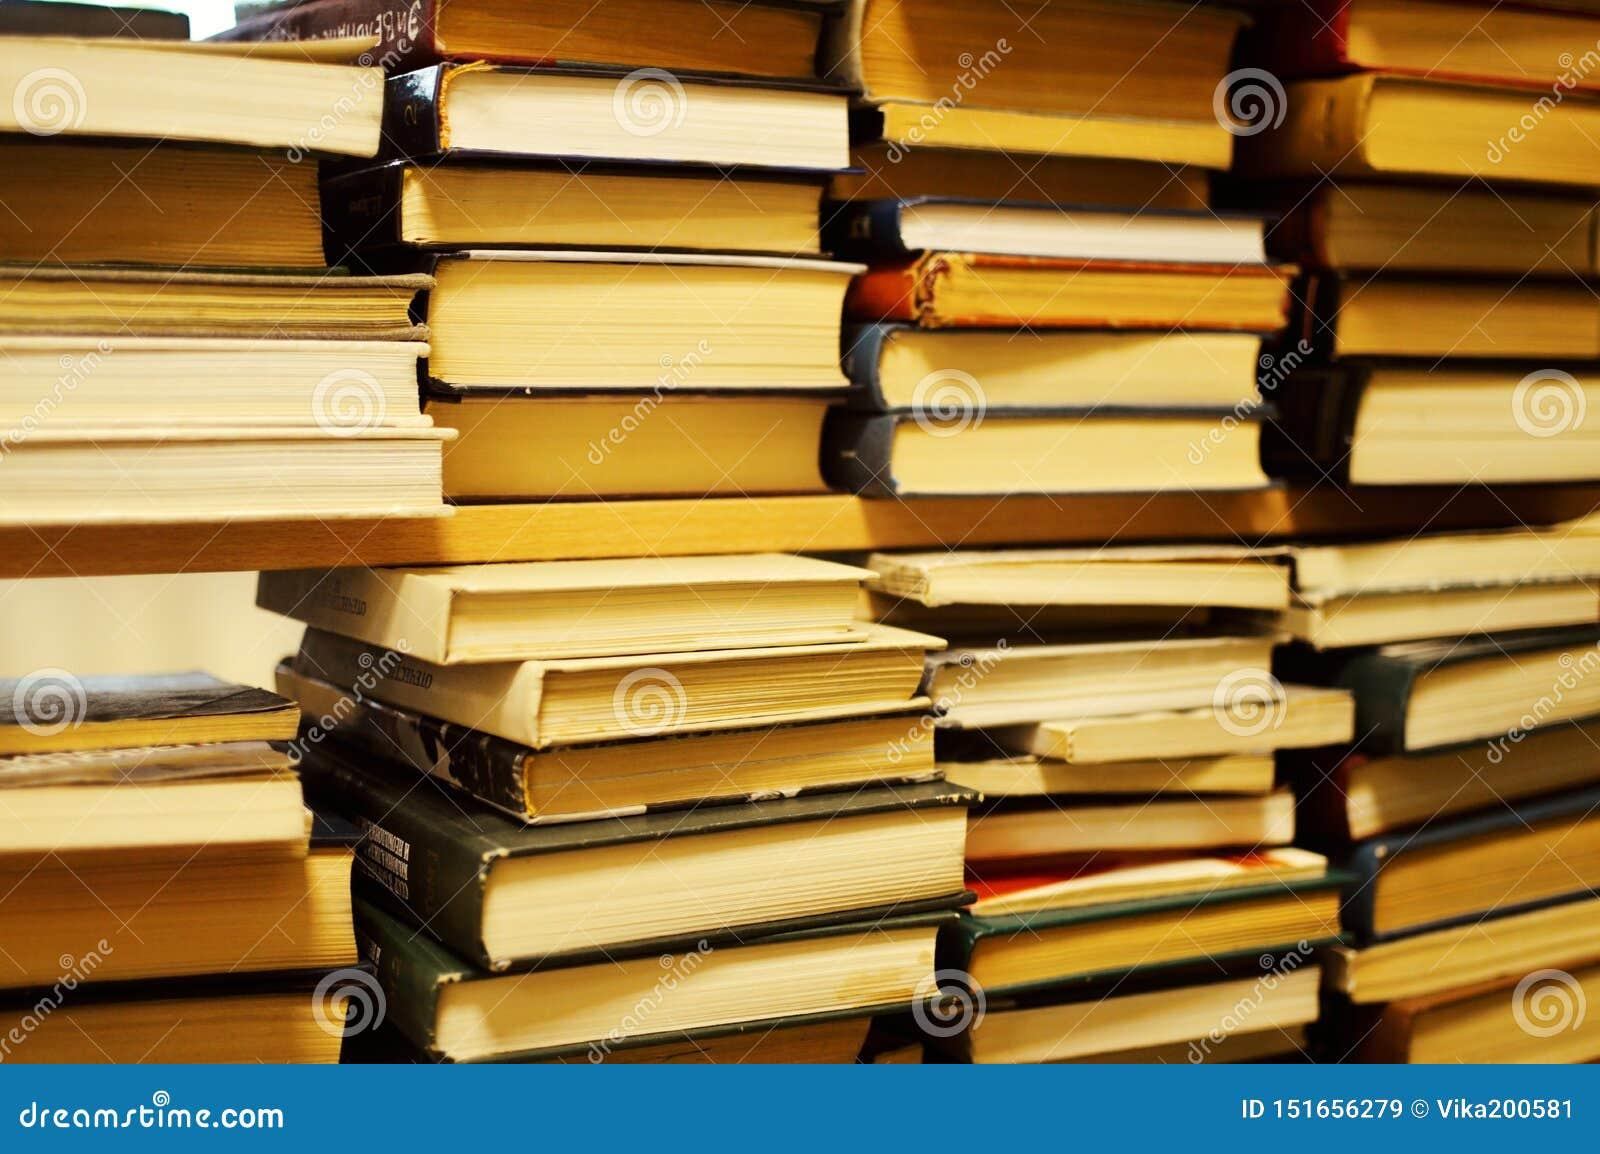 Stapels van oude boeken in bibliotheek